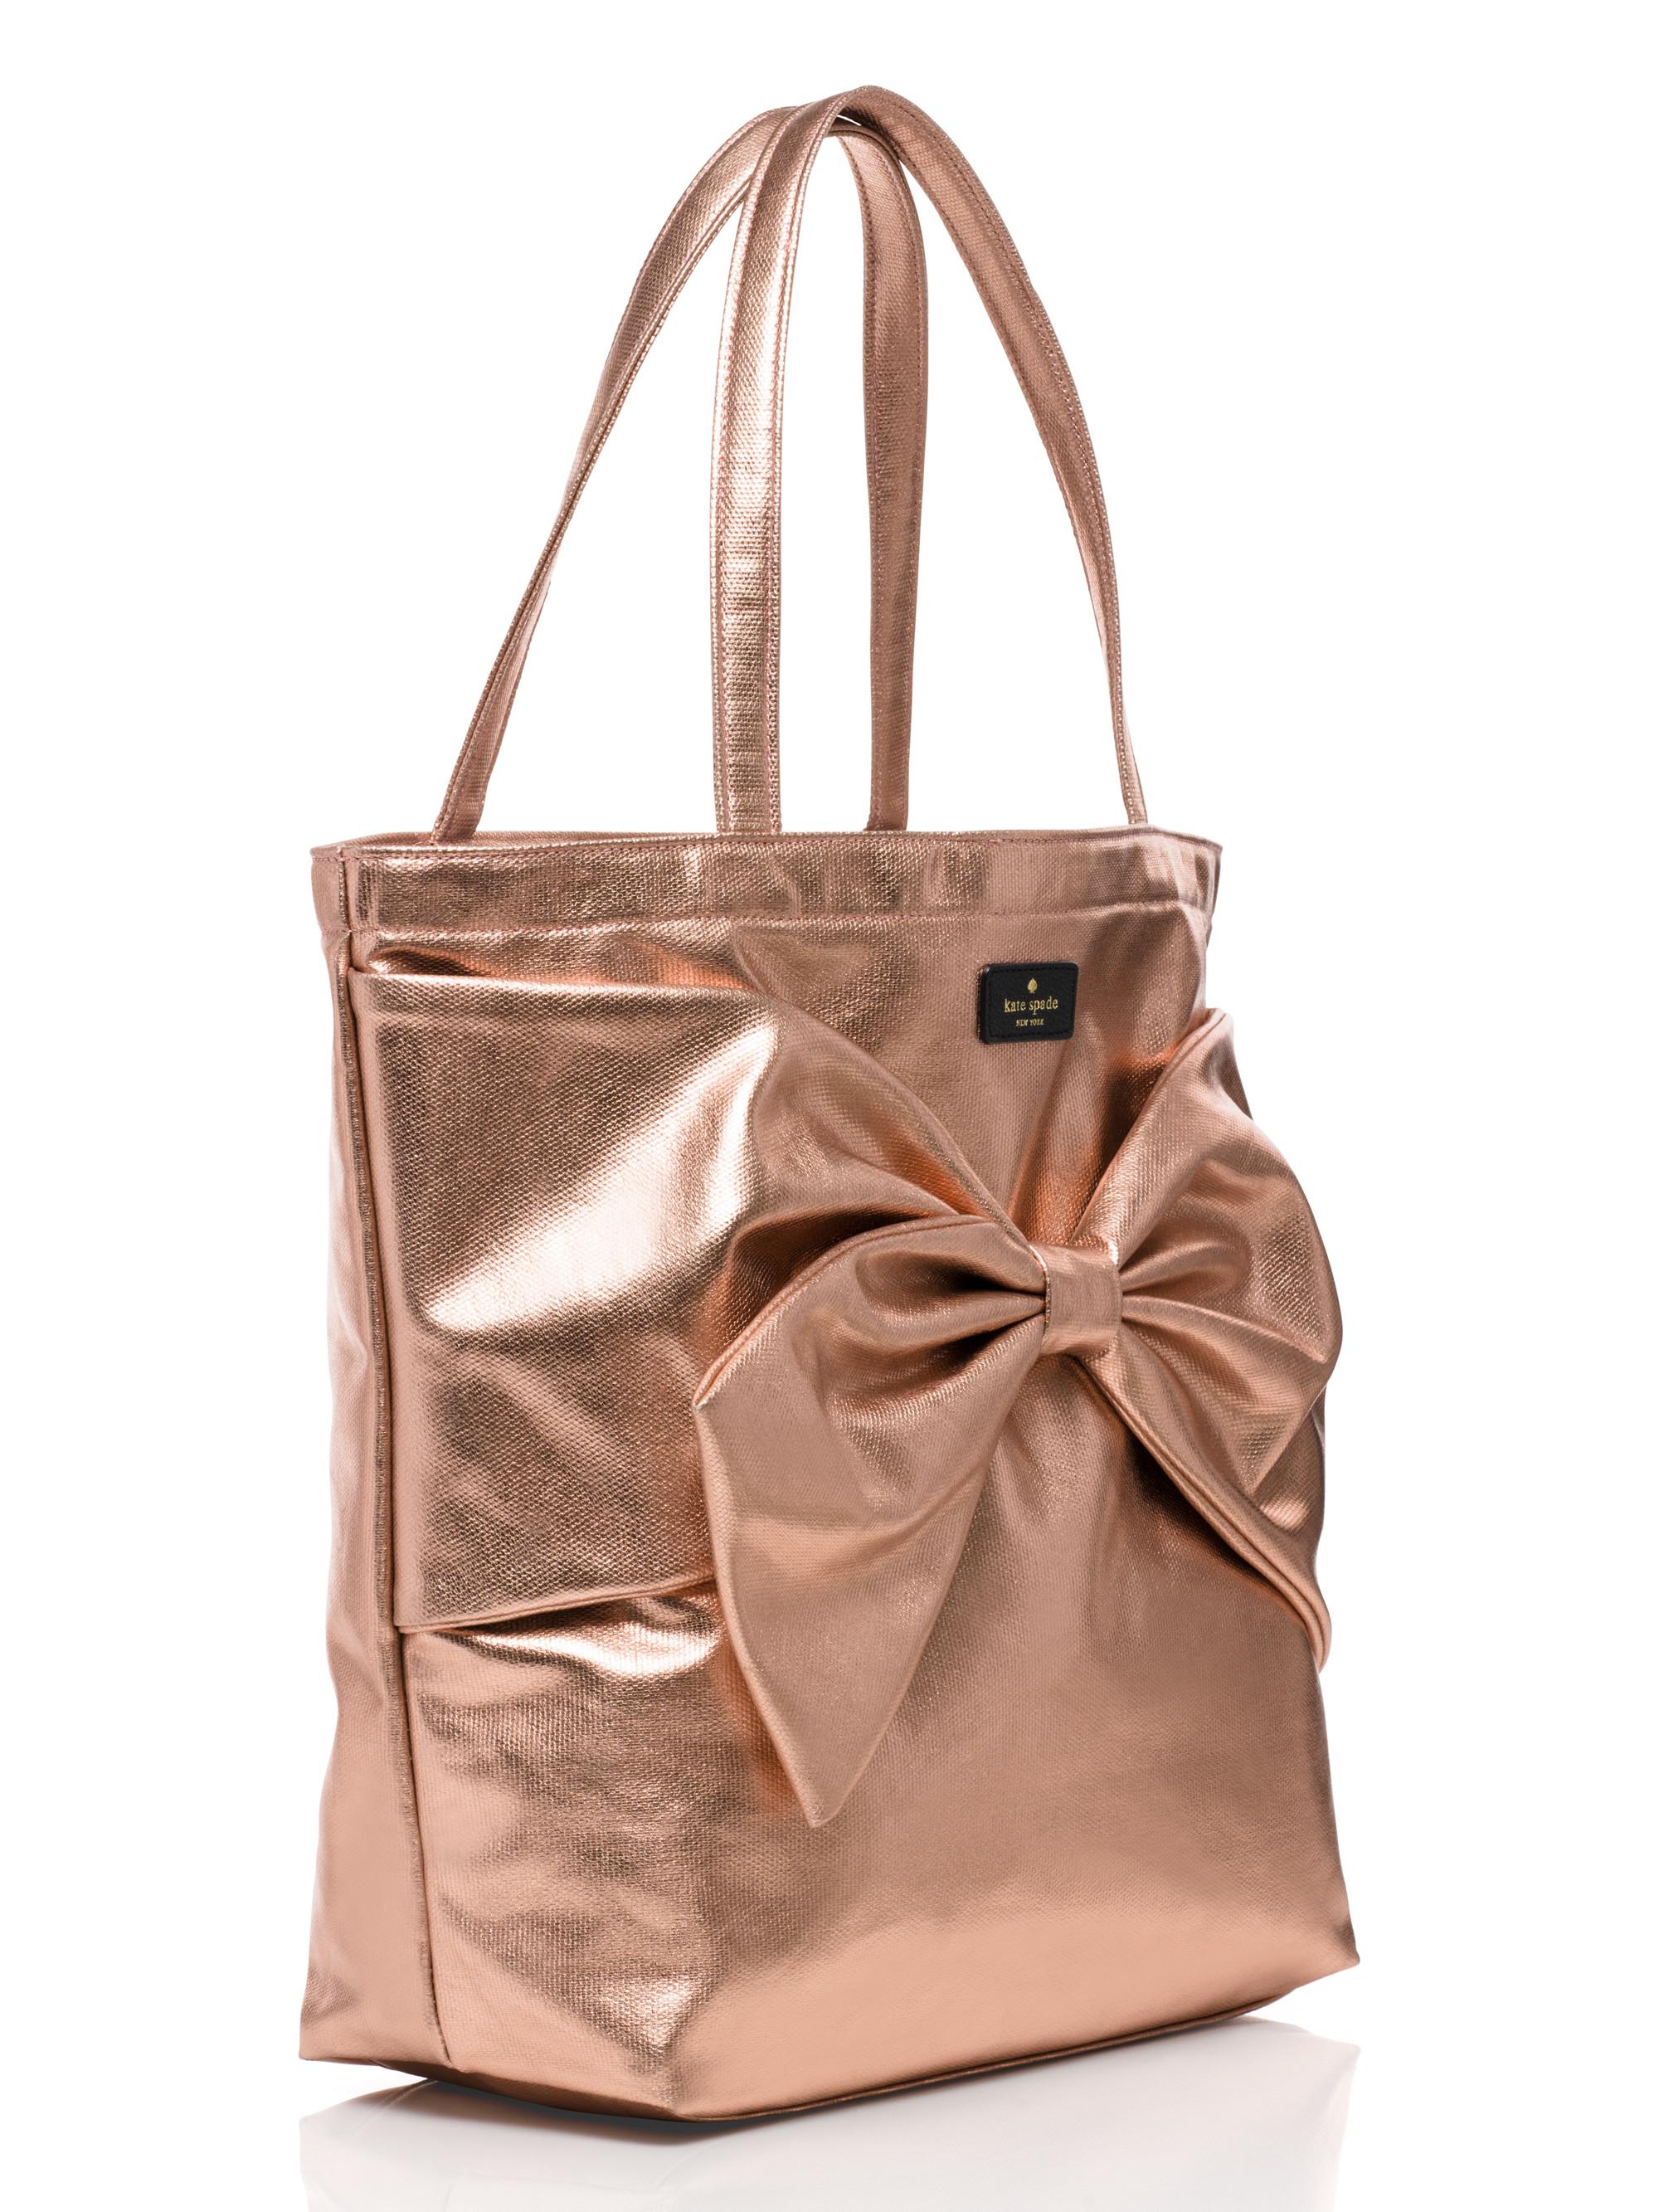 Lyst Kate Spade New York On Purpose Rose Gold Metallic